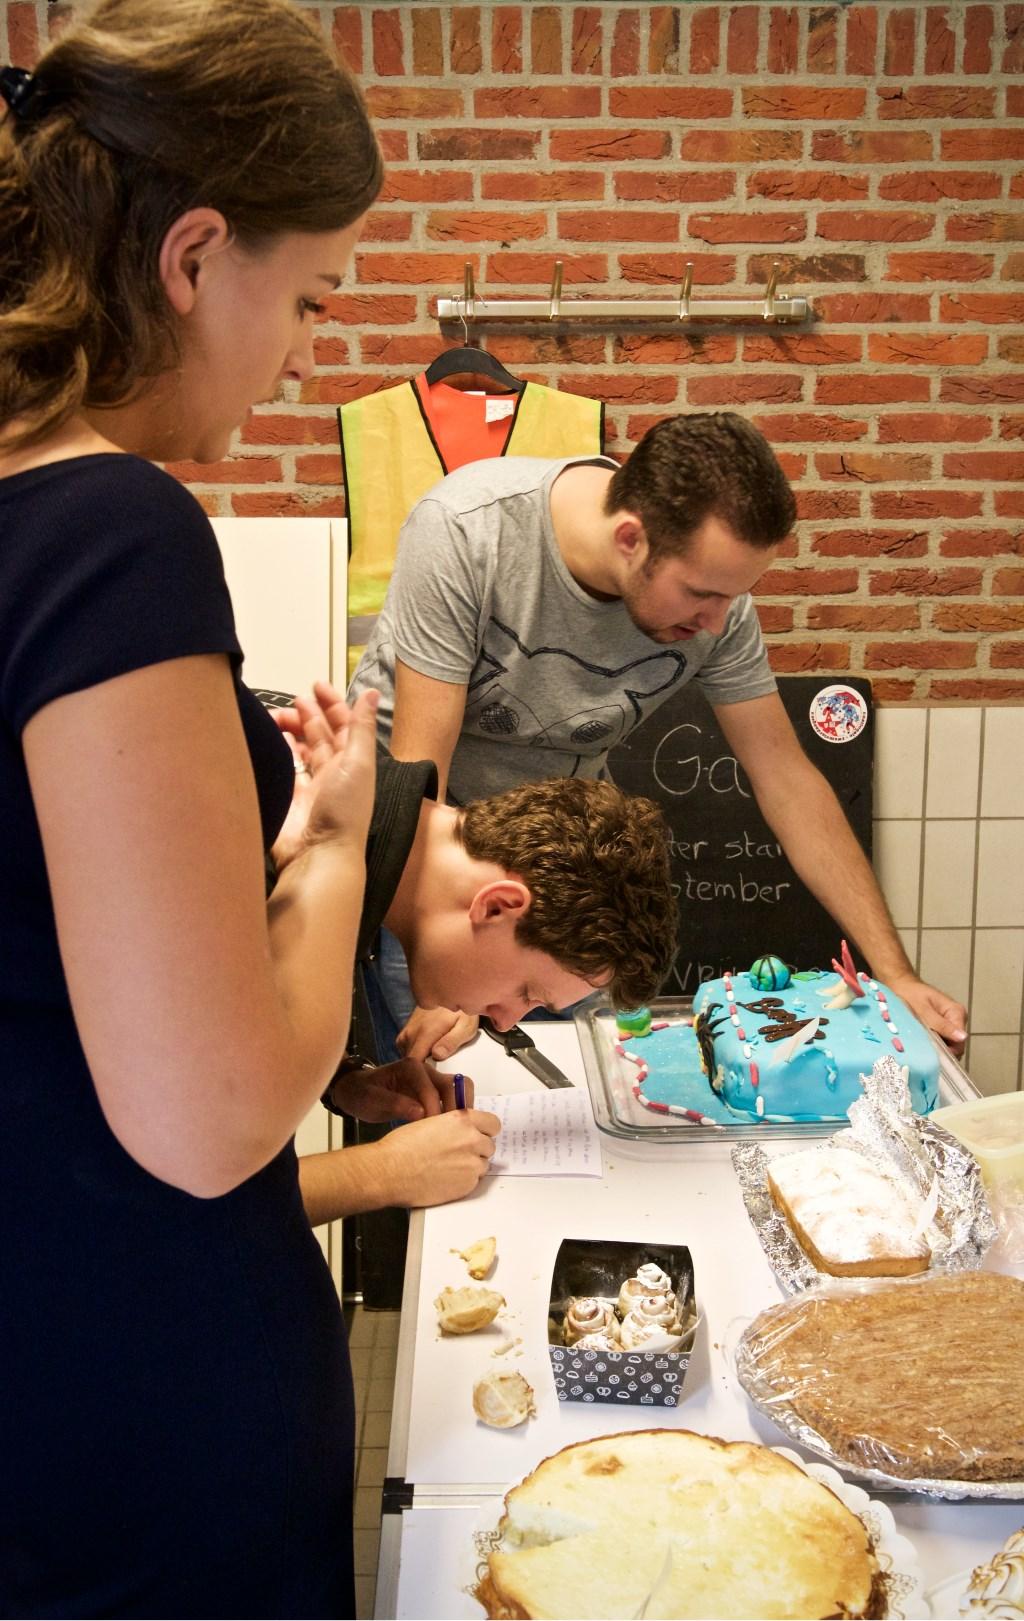 De jury aan het werk   © Uitkijkpost Media B.v.